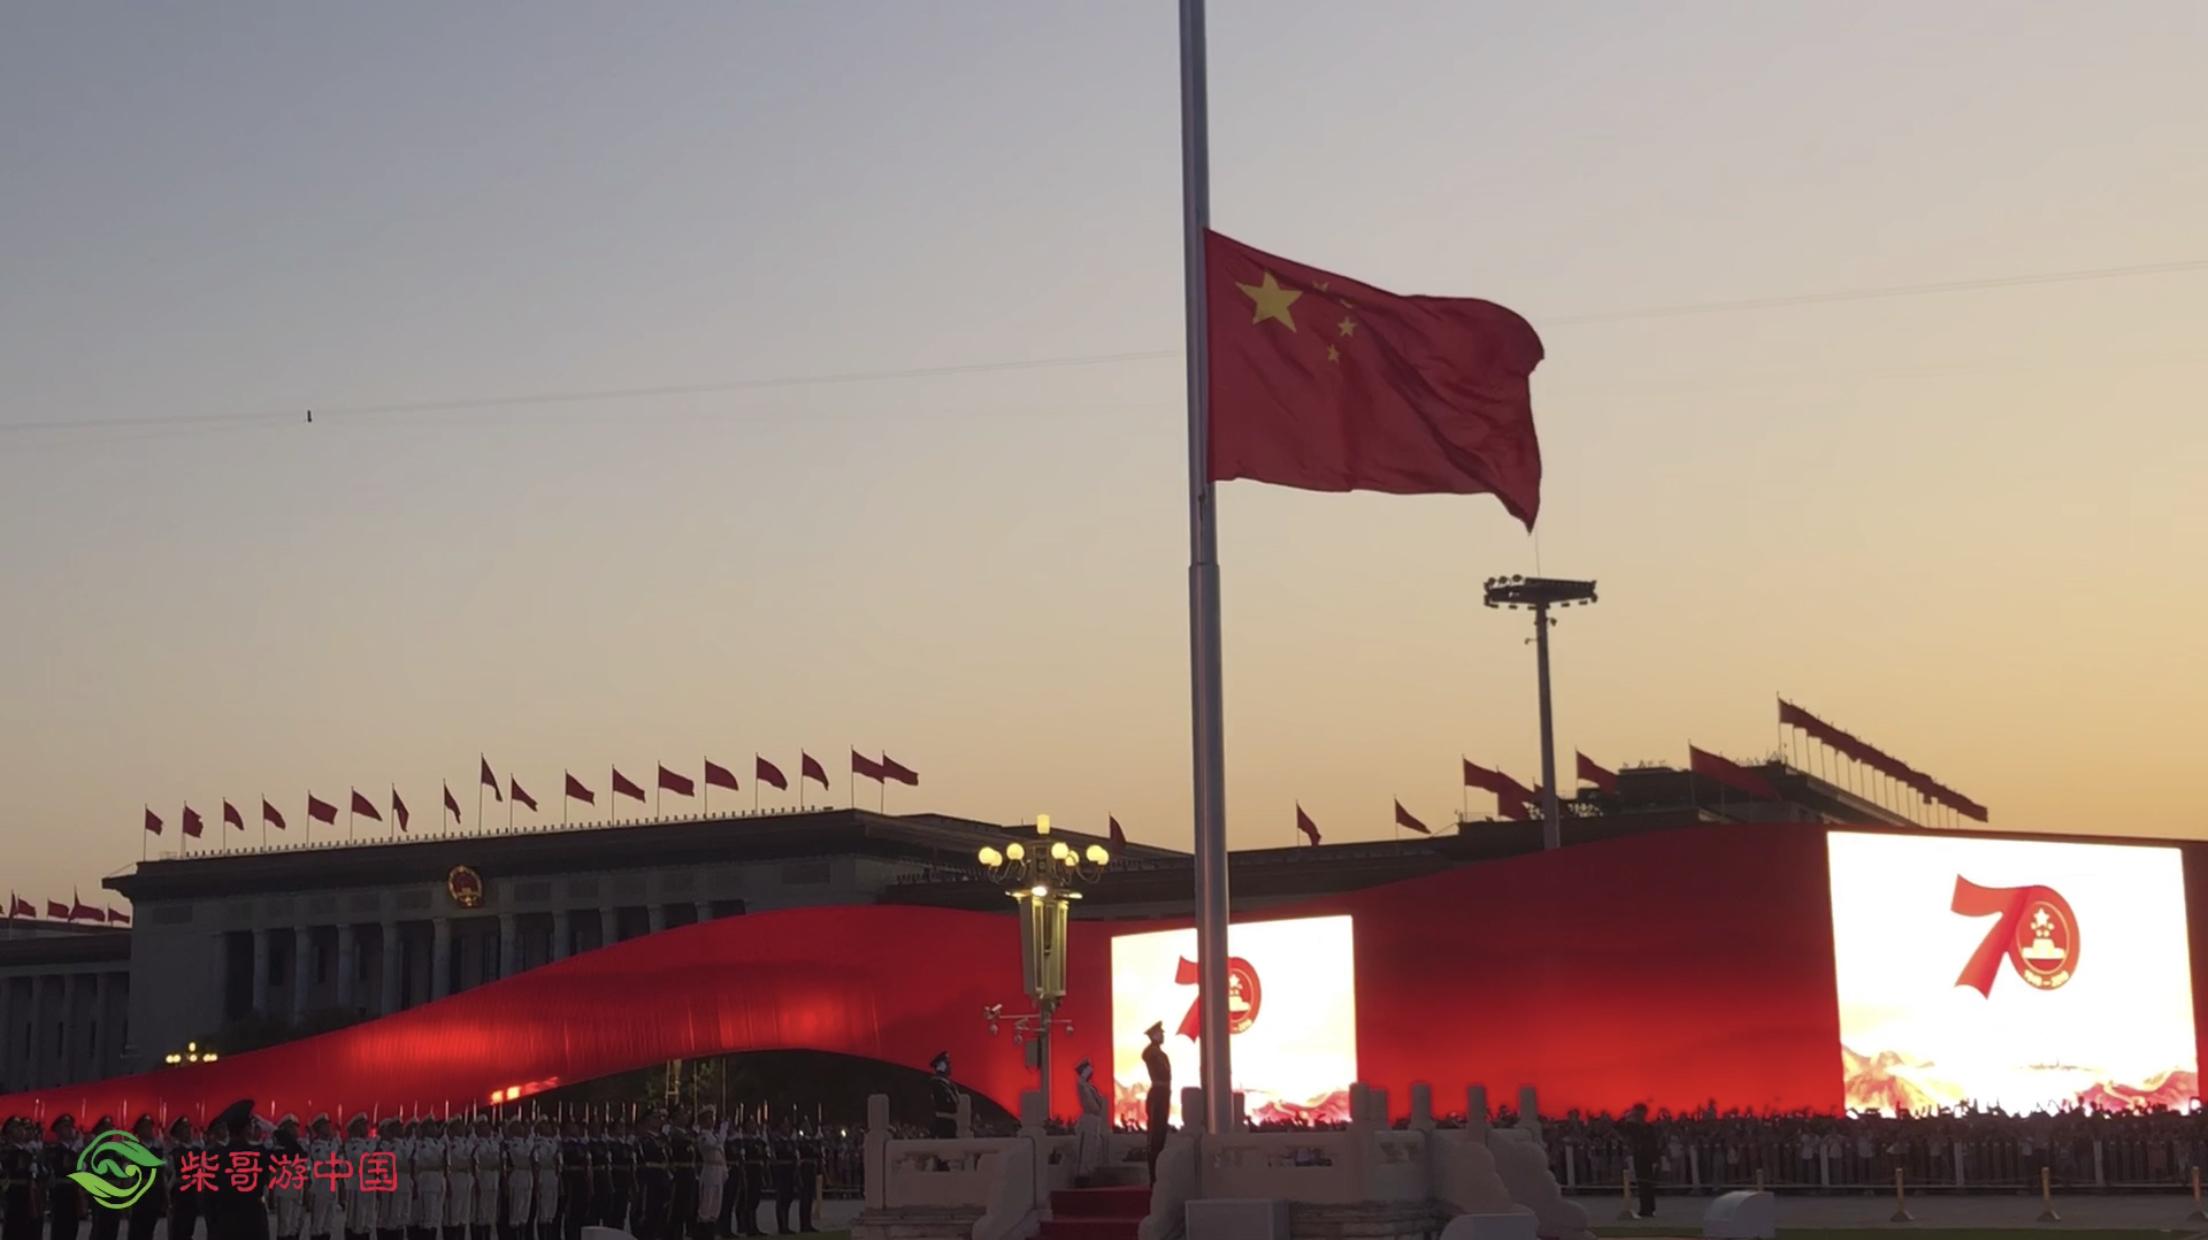 2019年9月24日18时05分,北京天安门广场国旗缓缓降下